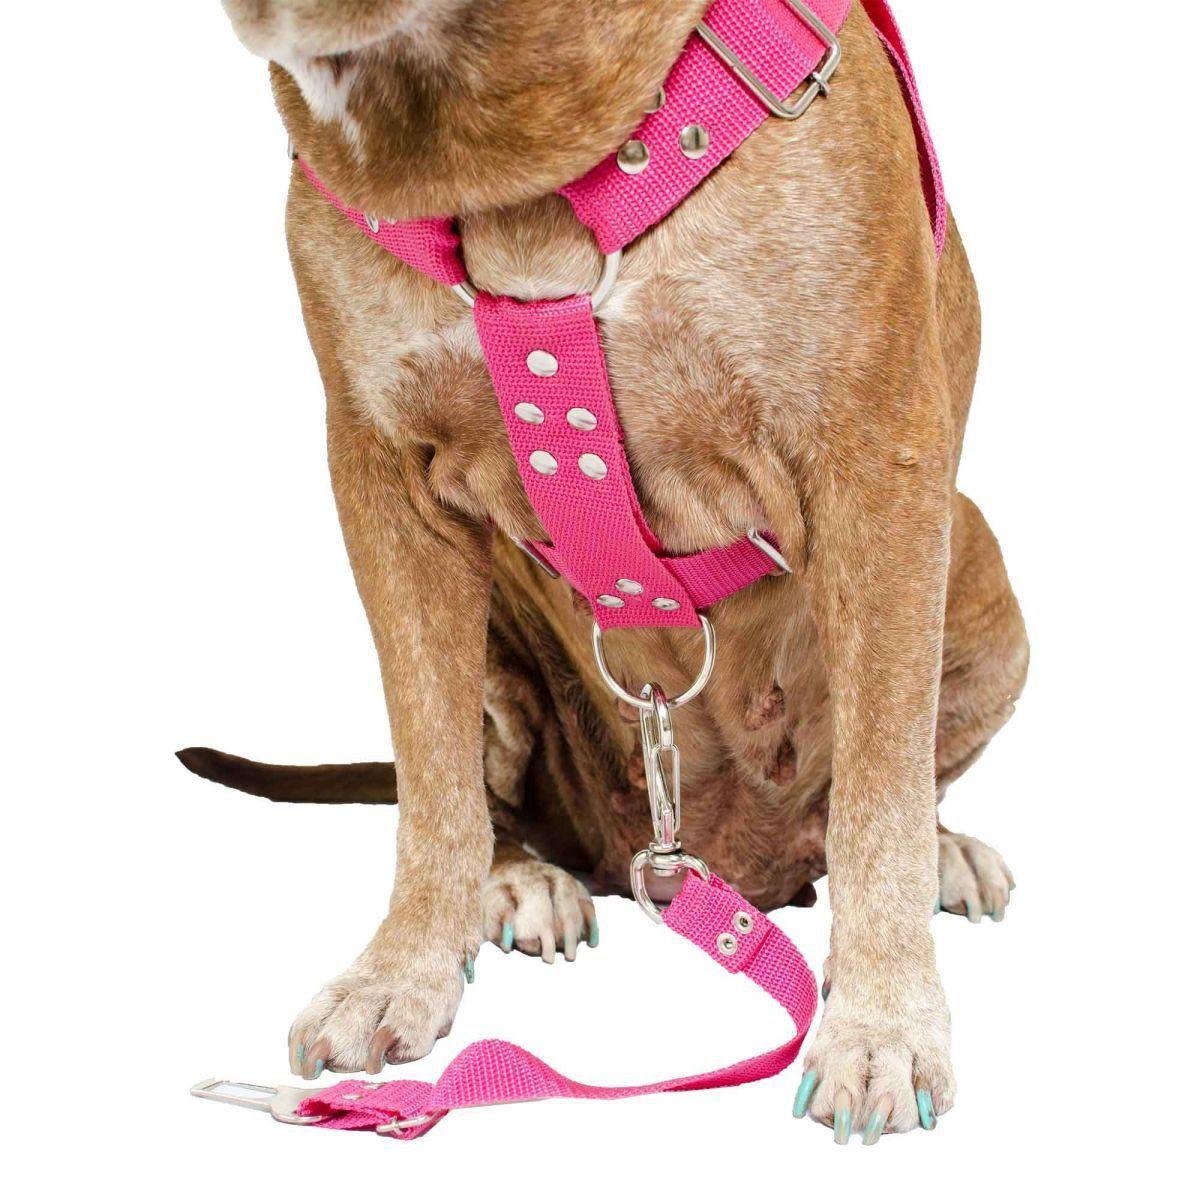 Coleira Peitoral Cachorro e Adaptador Para Cinto de Segurança Veicular Tamanho G - Cor Rosa